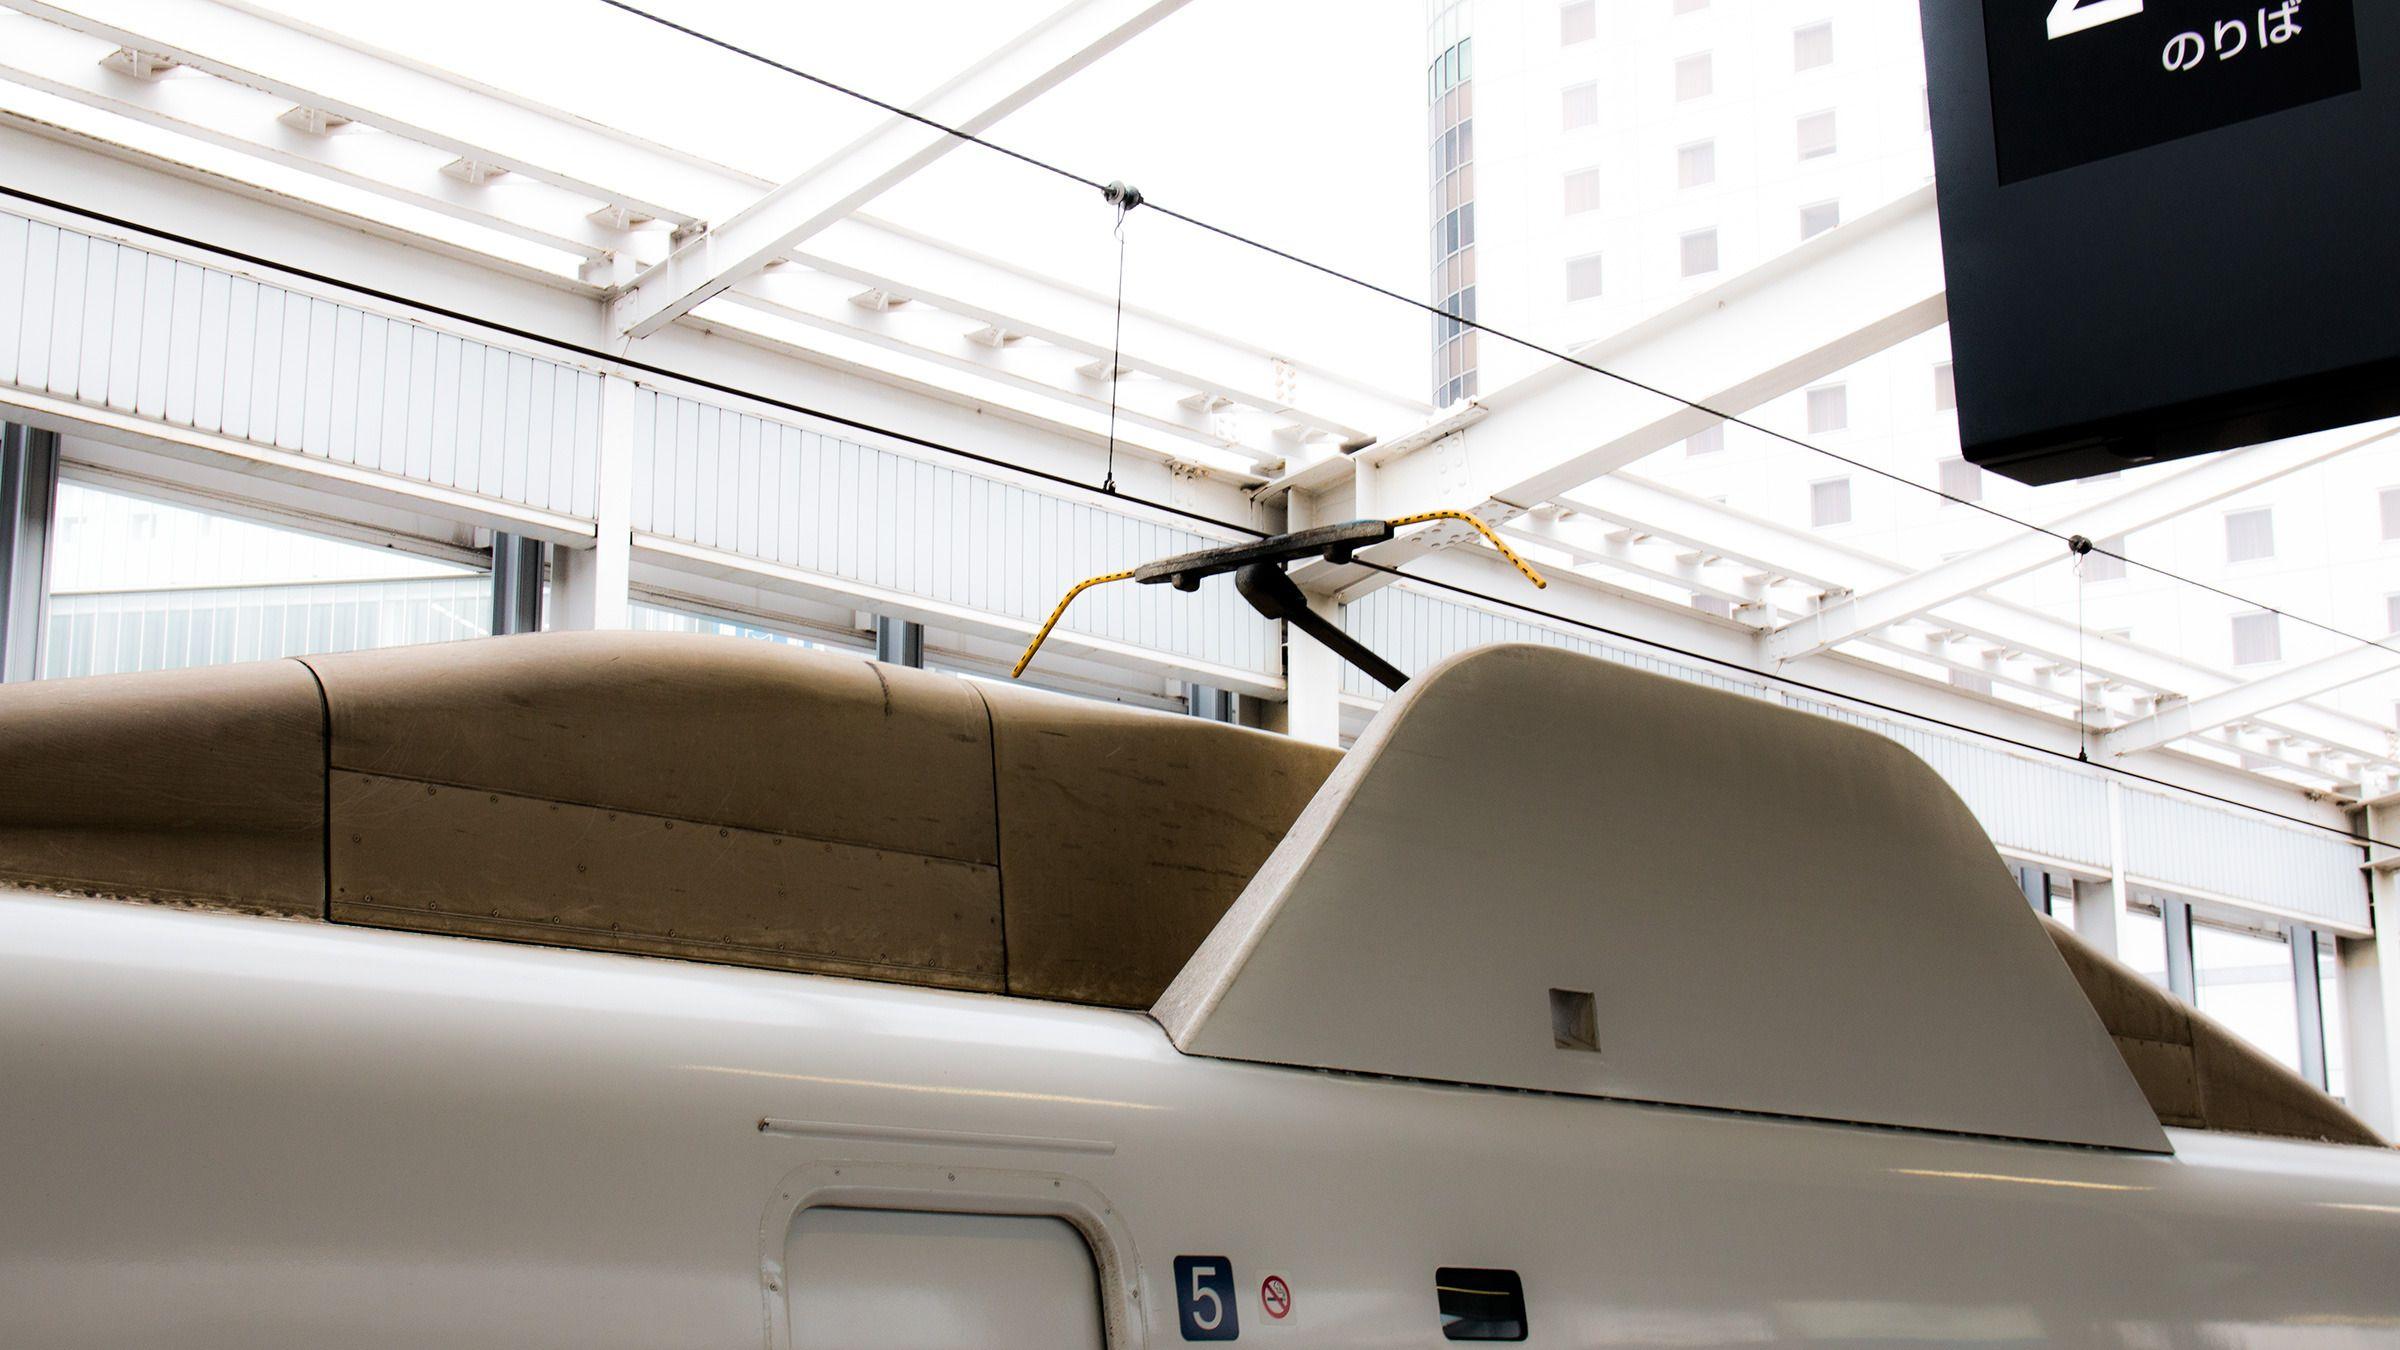 Både HIKARI- og SAKURA-togene går selvfølgelig på strøm, men for å holde aerodynamikken intakt er det montert solide finner rundt strømavtakerene – pantografene – på taket.Foto: Varg Aamo, Hardware.no